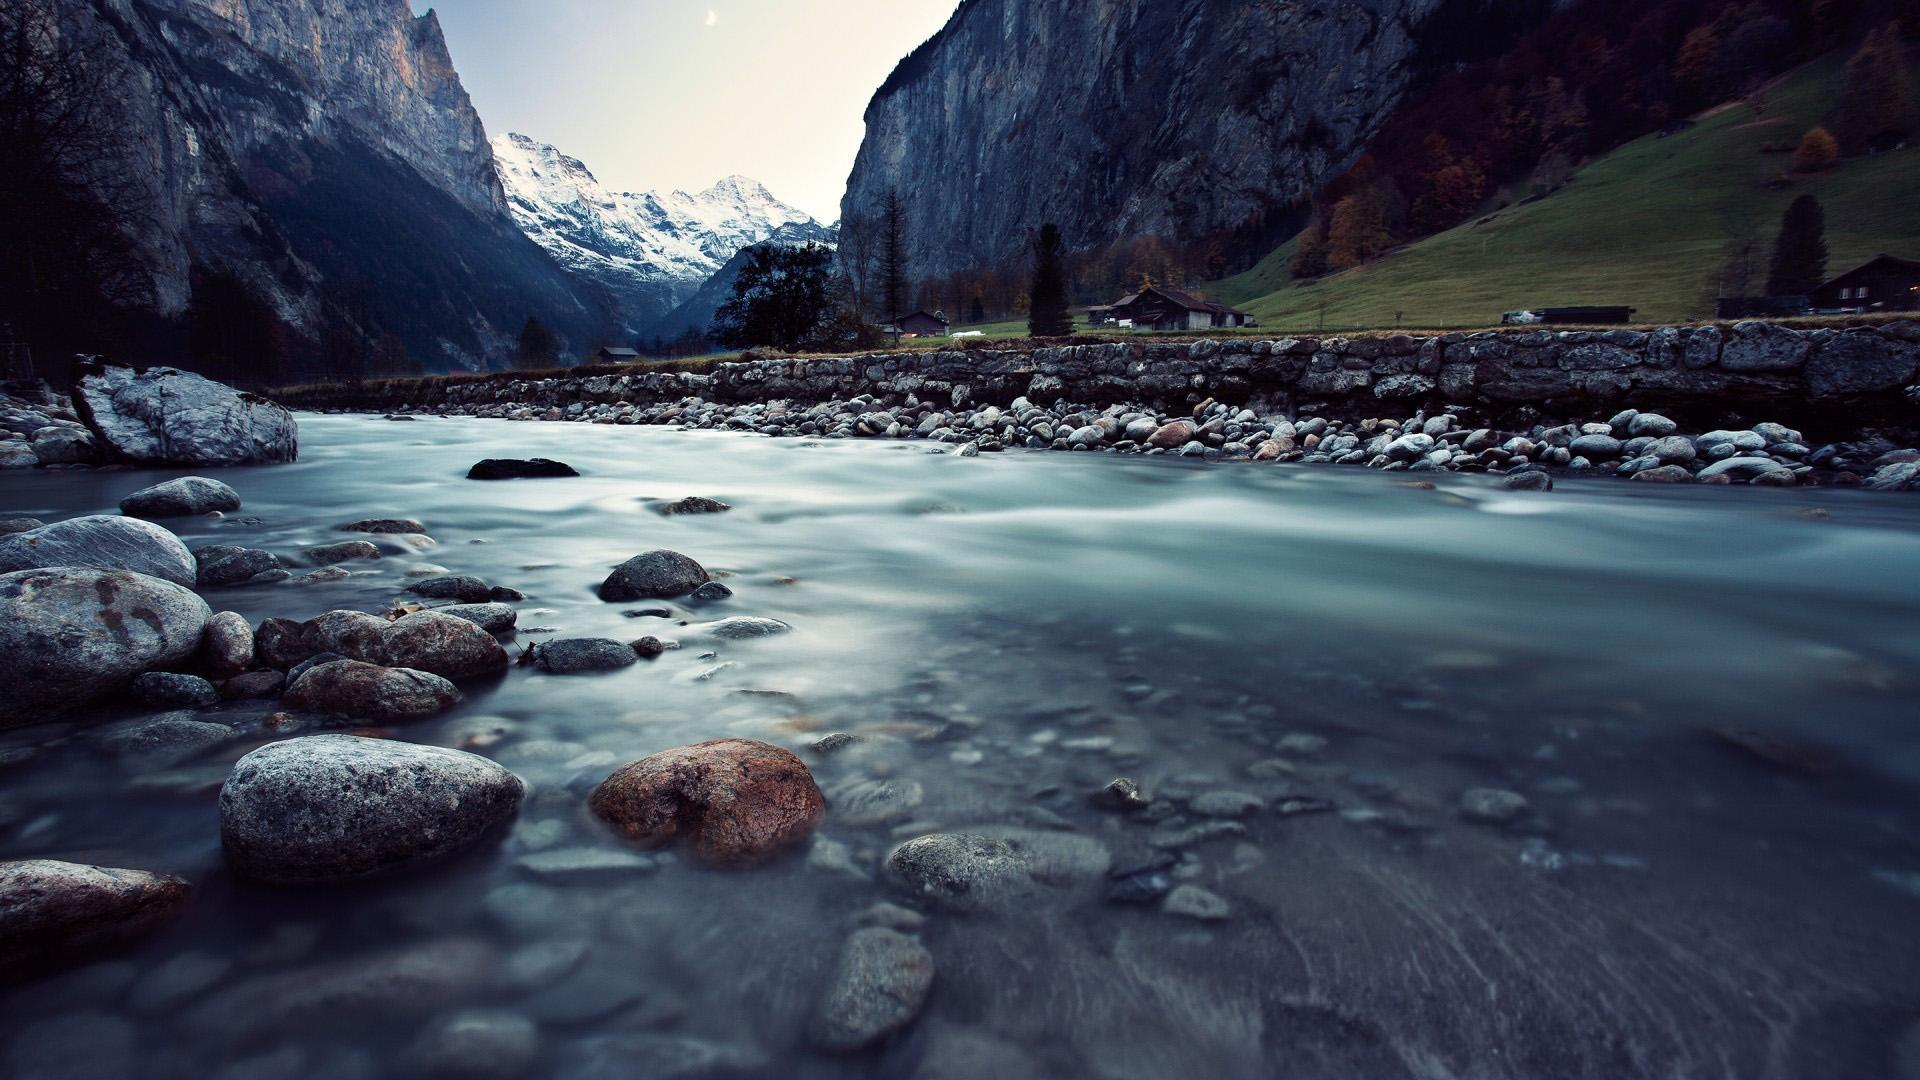 moose wallpaper nature - HD Desktop Wallpapers   4k HD